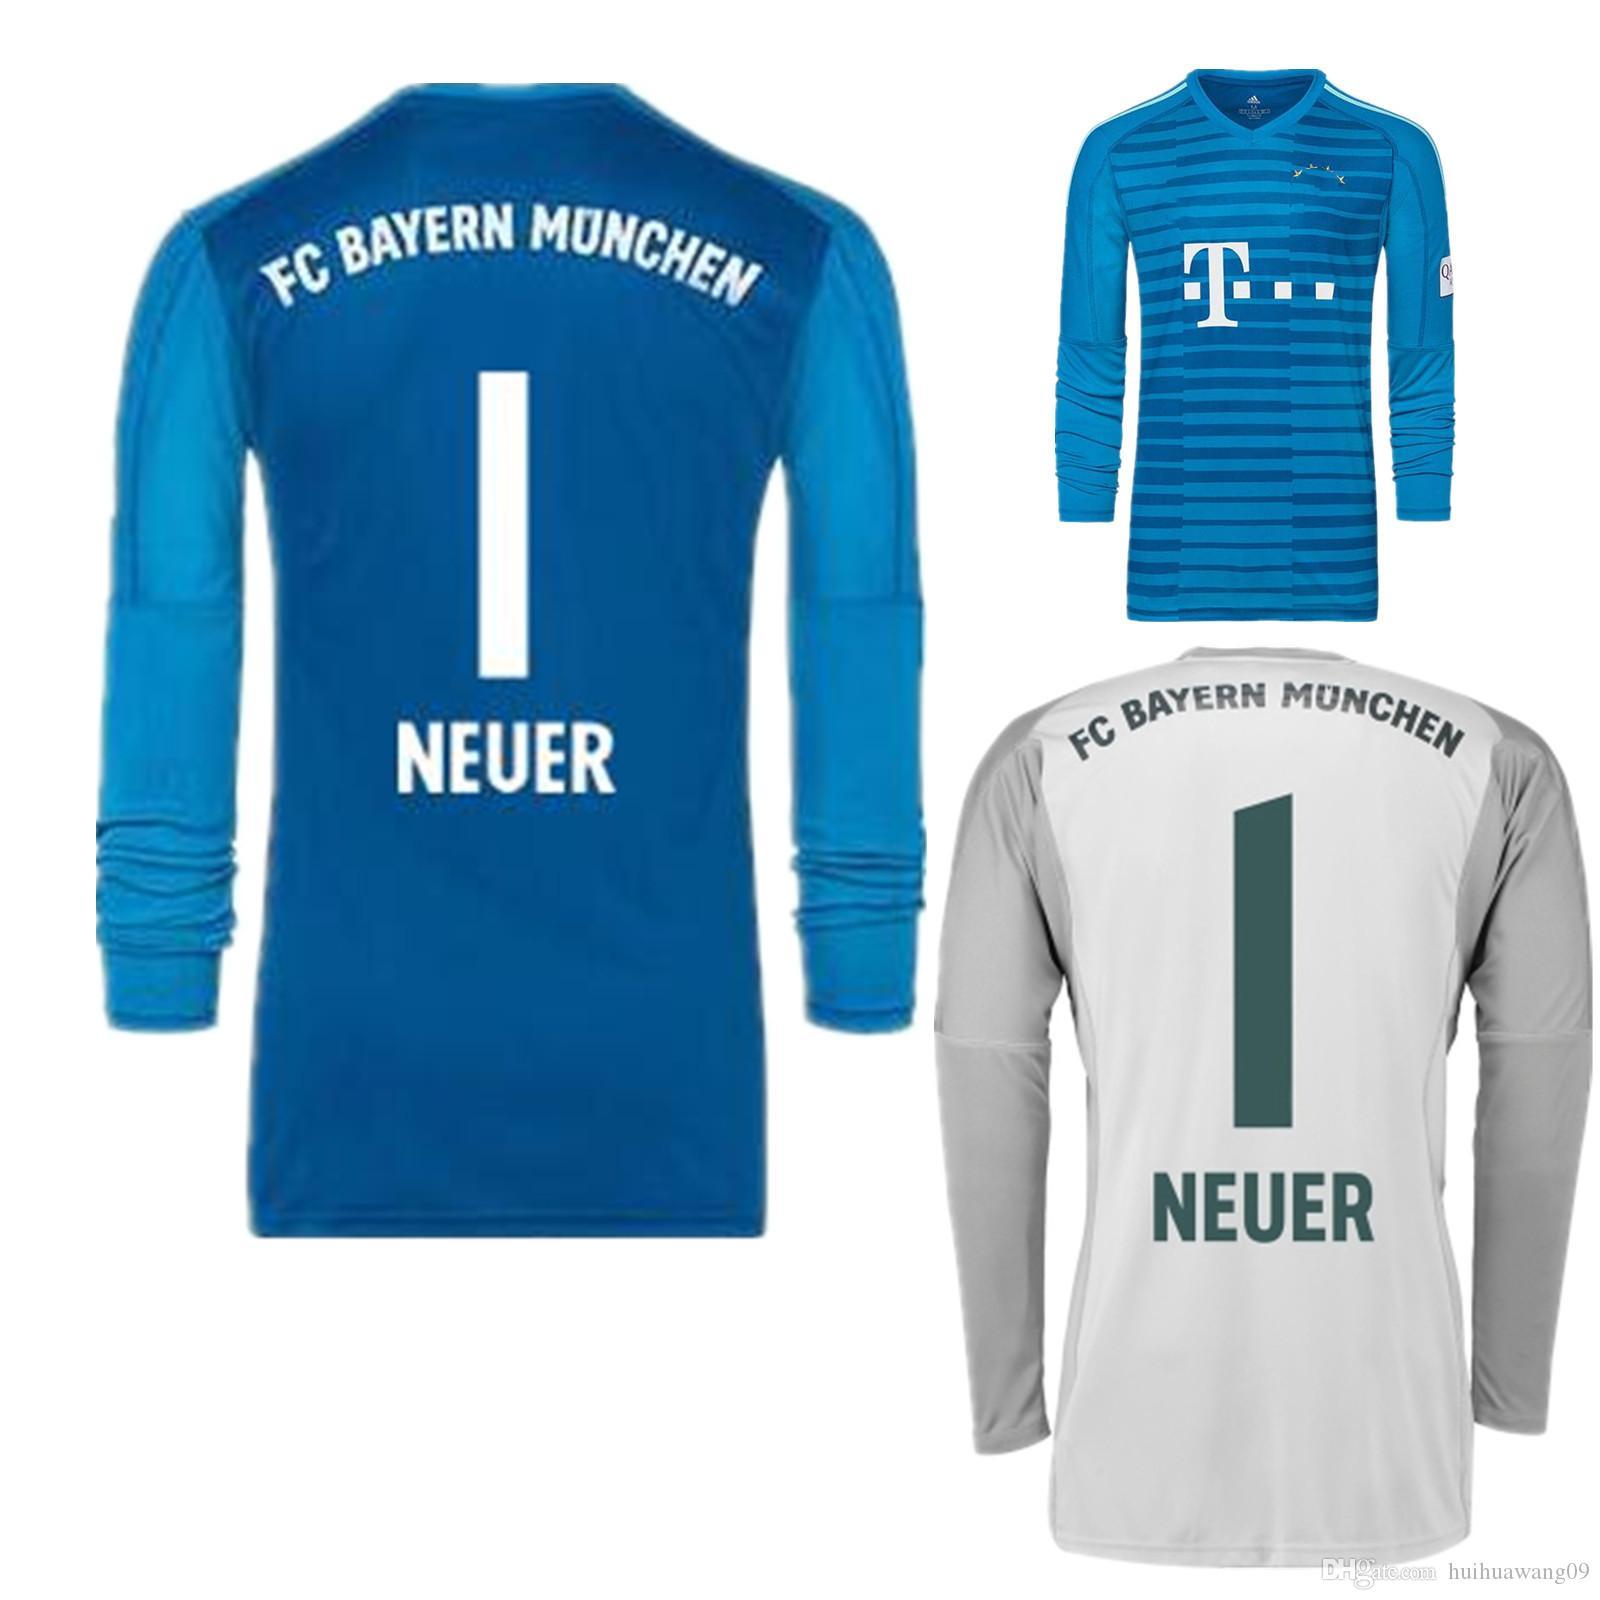 2019 2018 2019 Long Sleeve Away Blue NEUER Goalkeeper Jersey Soccer Jerseys   1 Manuel Neuer 26 Ulreich Goalie GK Kit 18 19 Grey Football Shirts From ... c16d01a12